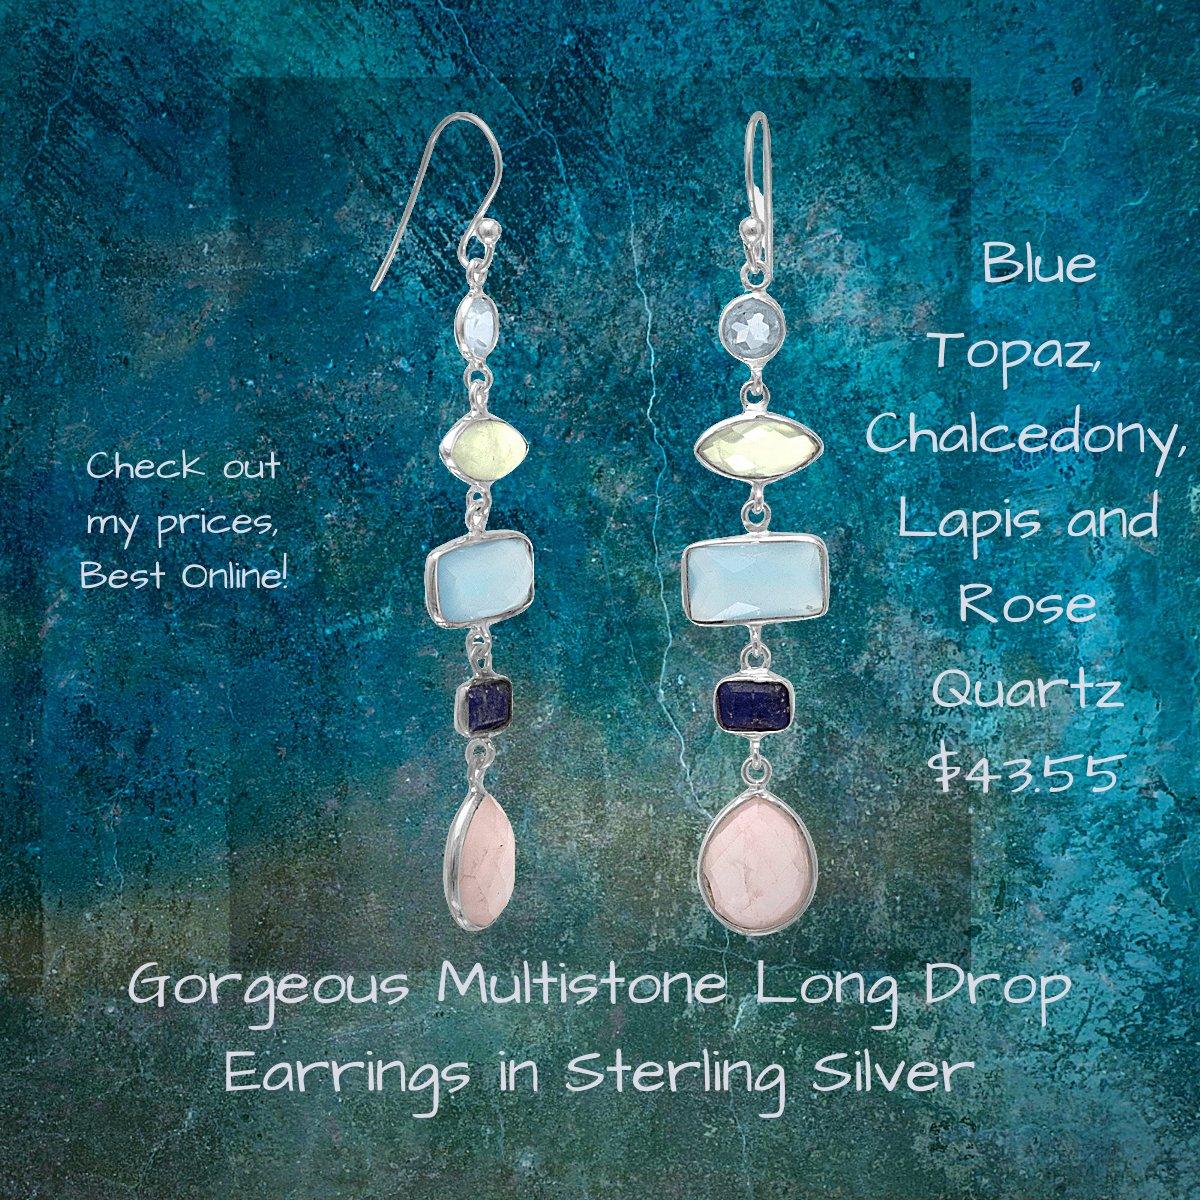 Gorgeous Multi stone Long Drop Earrings in Sterling Silver